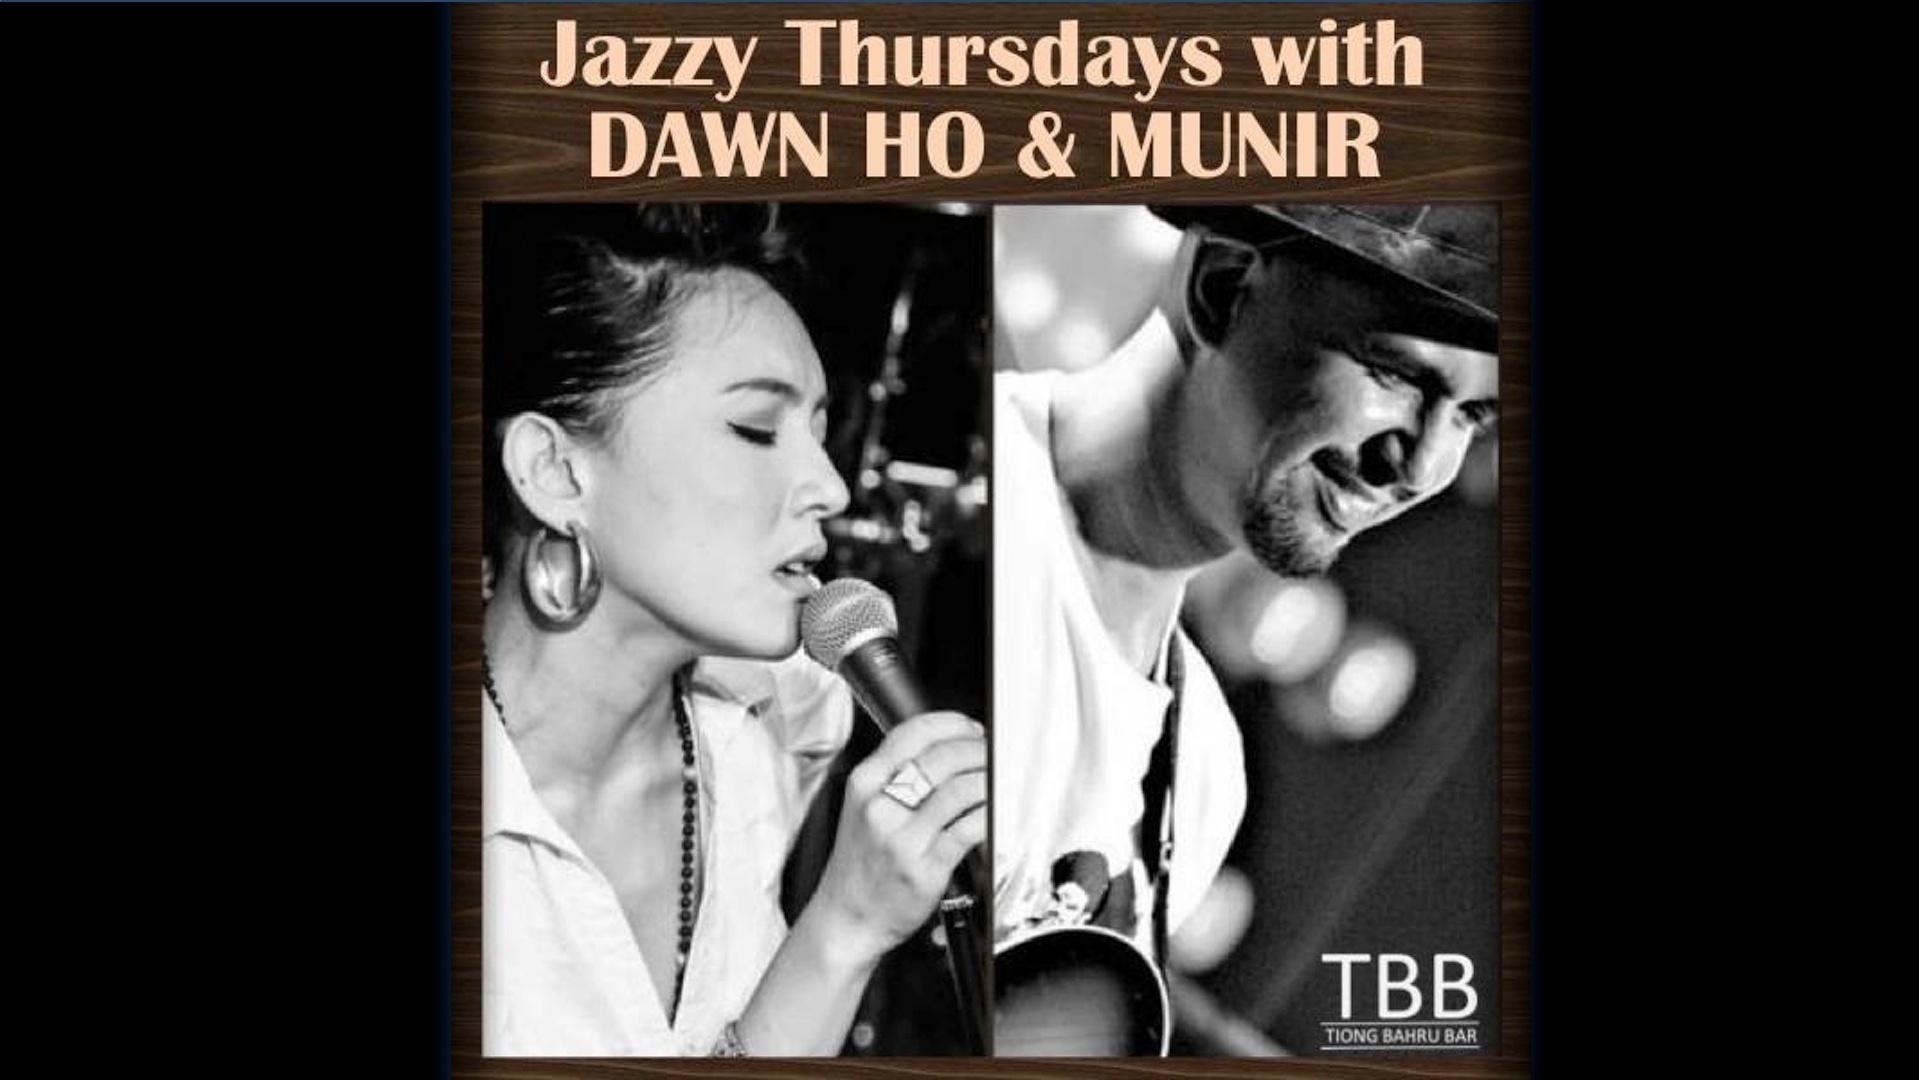 Dawn Ho & Munir